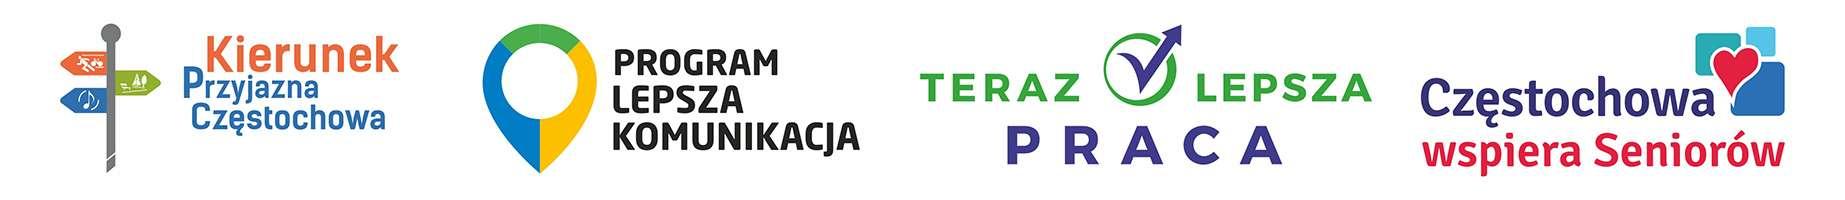 Logotypy programów miejskich